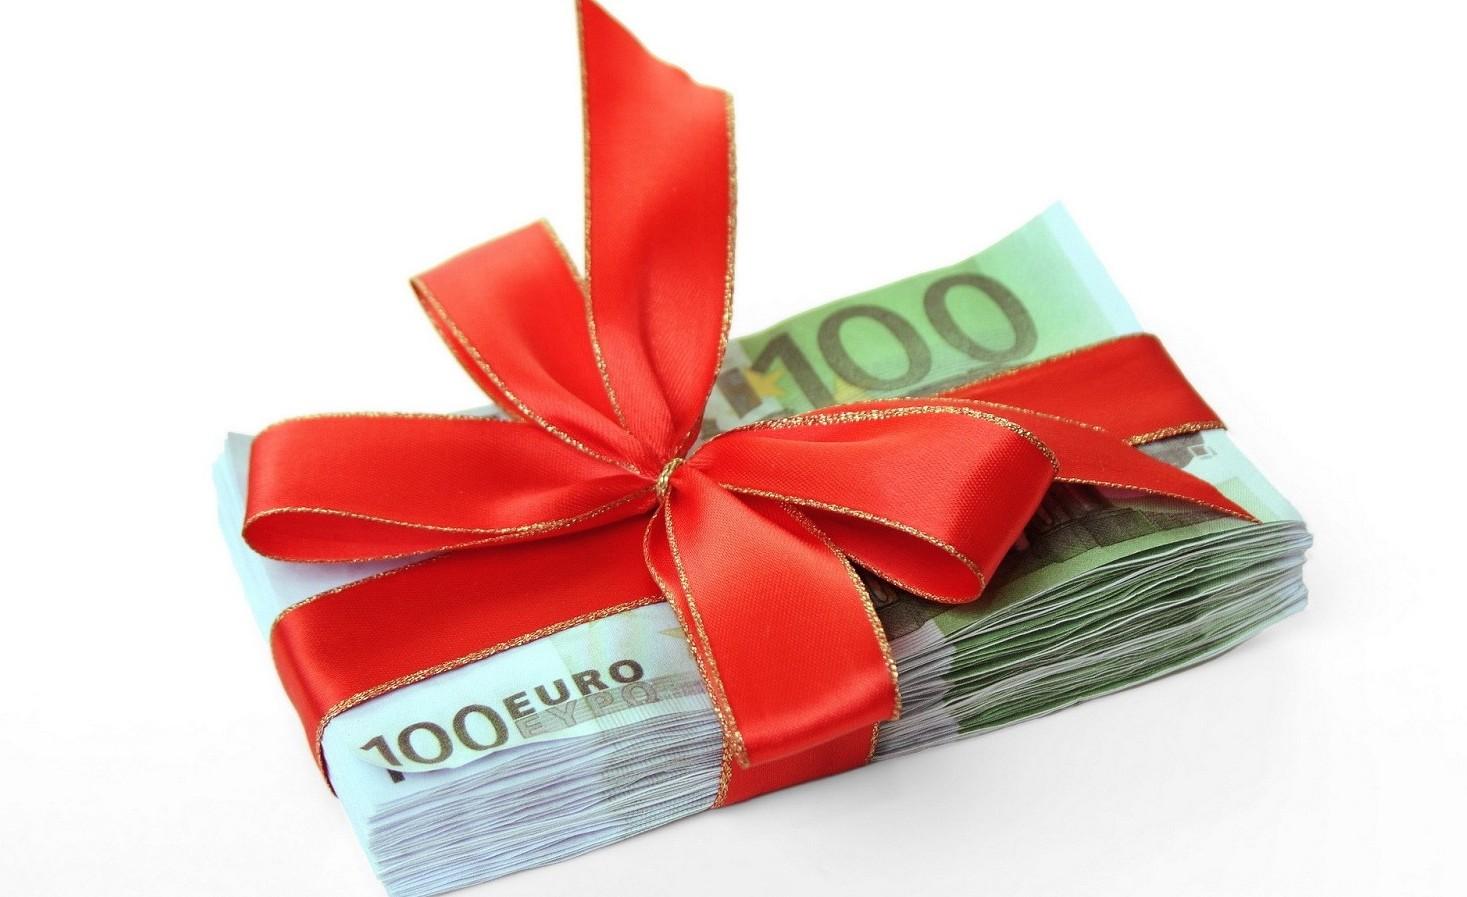 Trasferimenti soldi da genitori a figli, fratelli e tra parenti. Si può fare o no e per quali importi